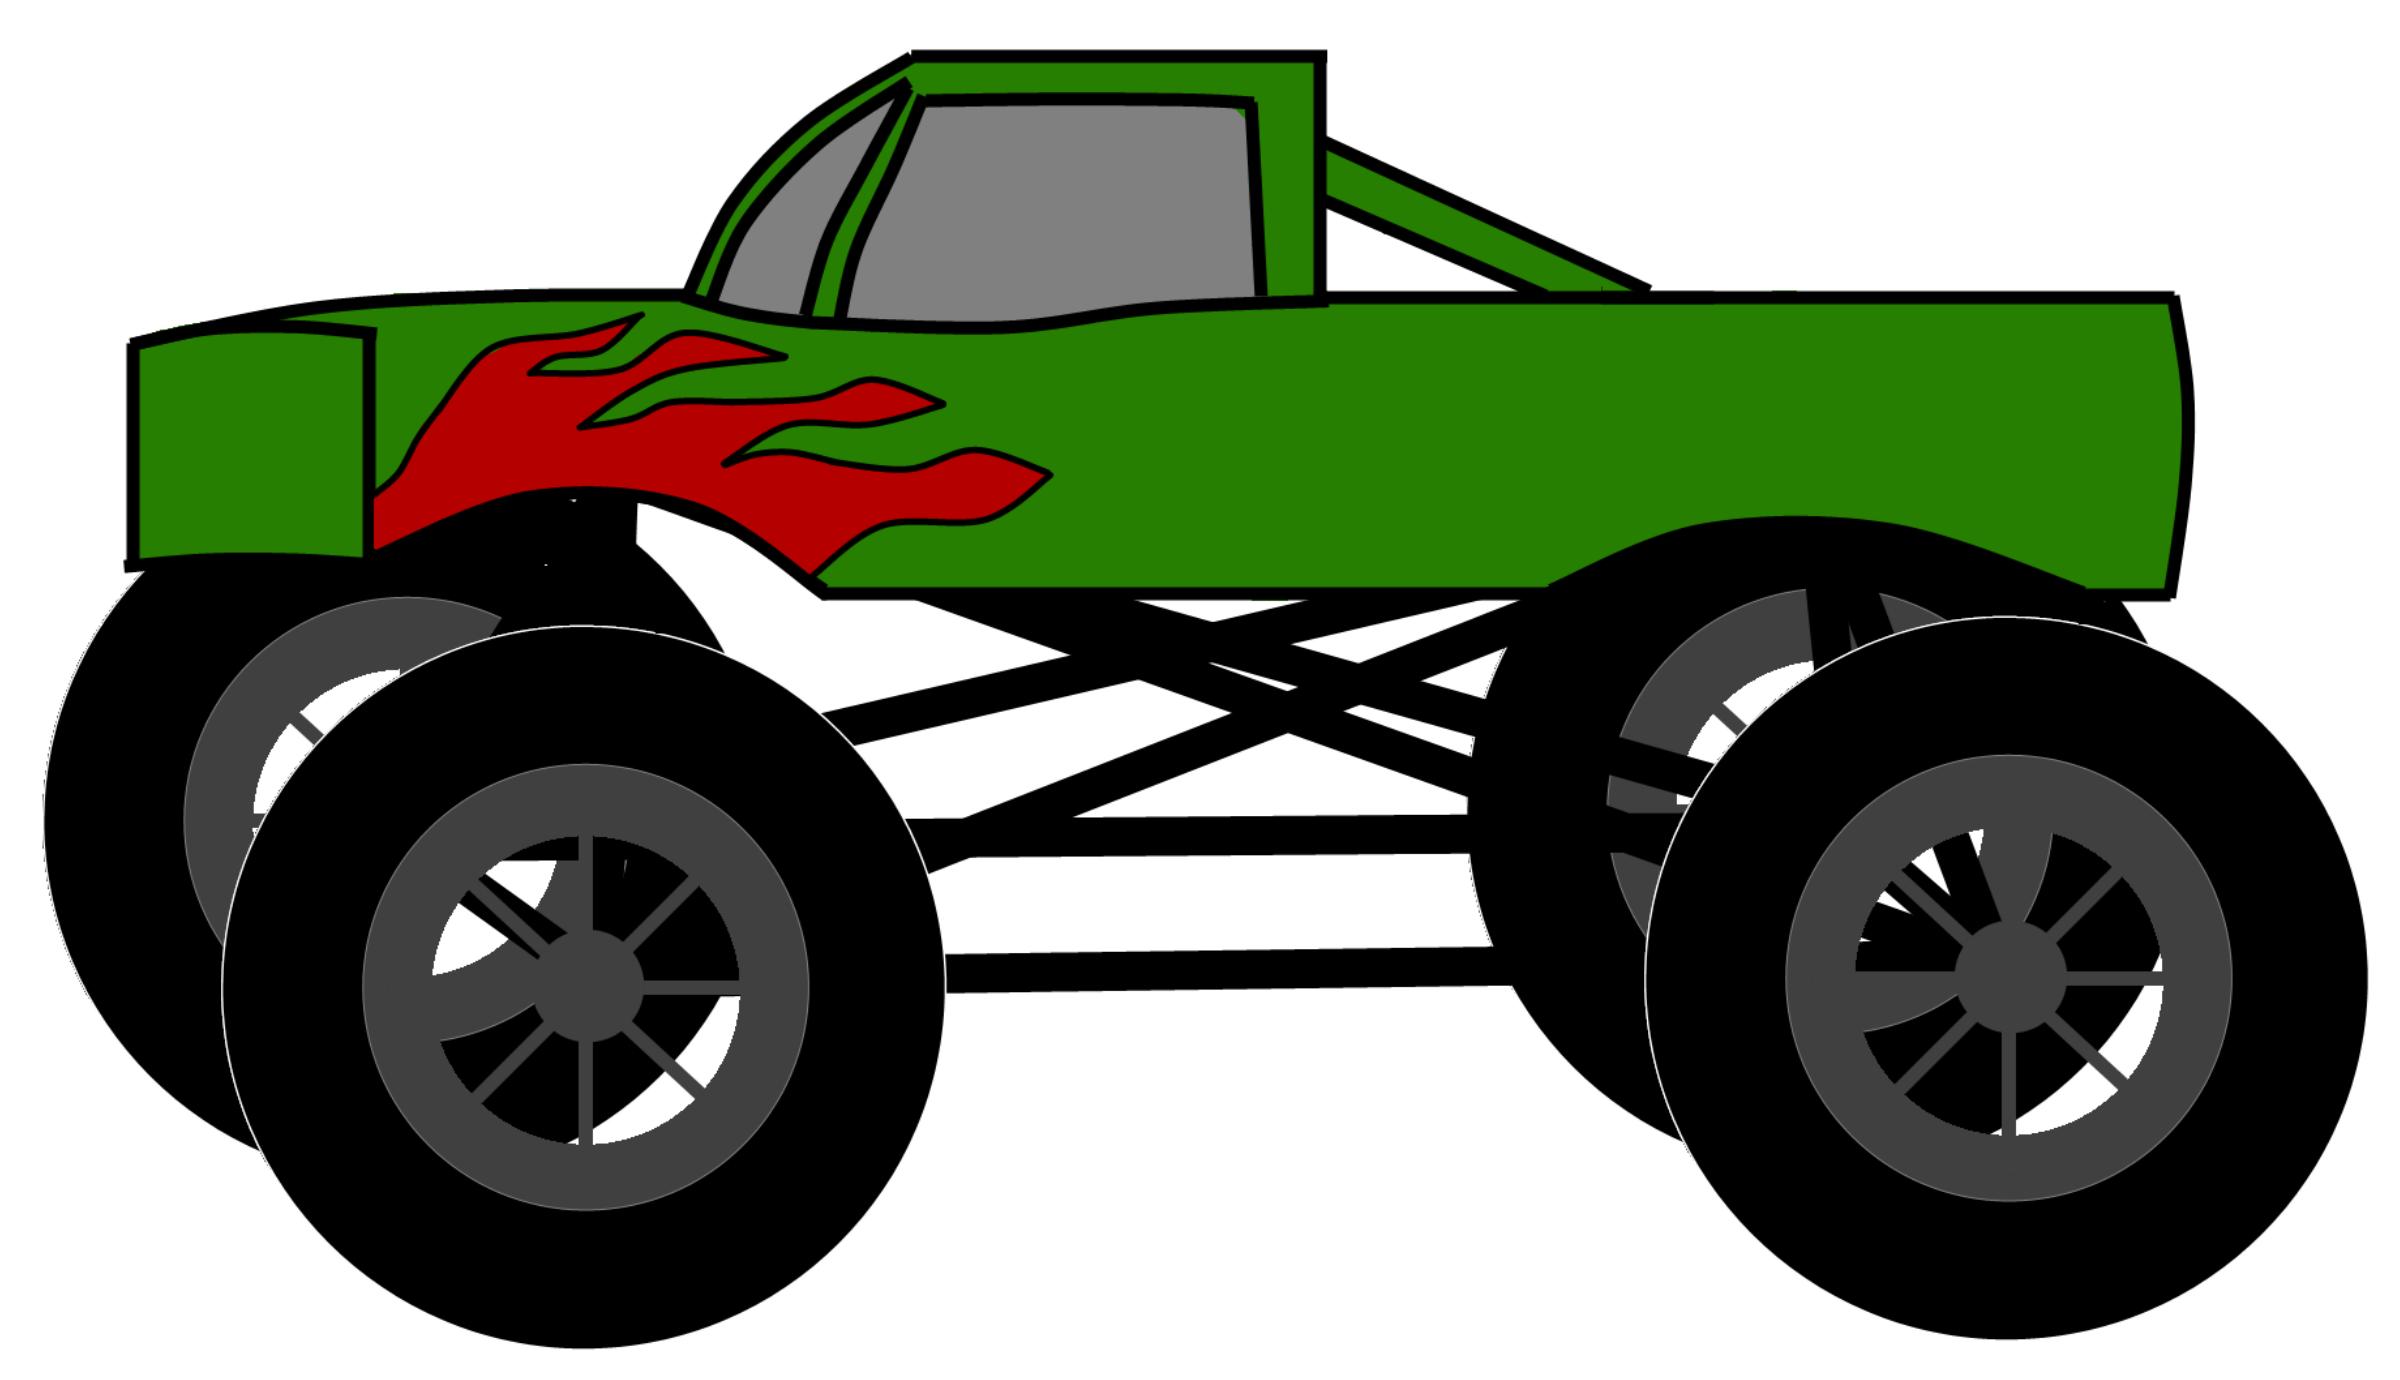 Hot Wheels clipart cartoon Clipart Panda Truck Monster Clipart